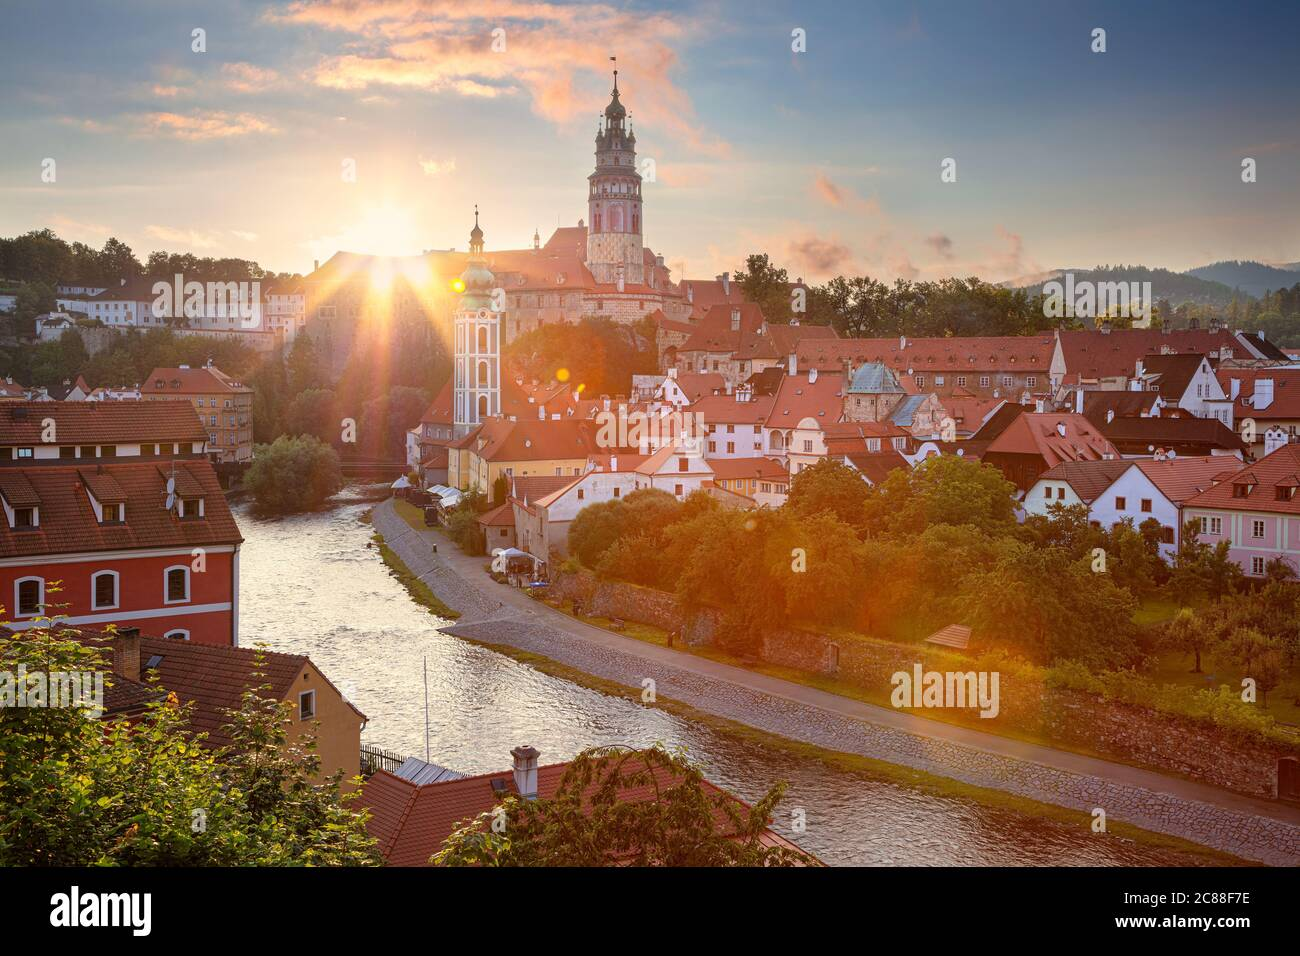 Cesky Krumlov. Paisaje urbano antena imagen de Cesky Krumlov, República Checa durante la puesta de sol de verano. Foto de stock